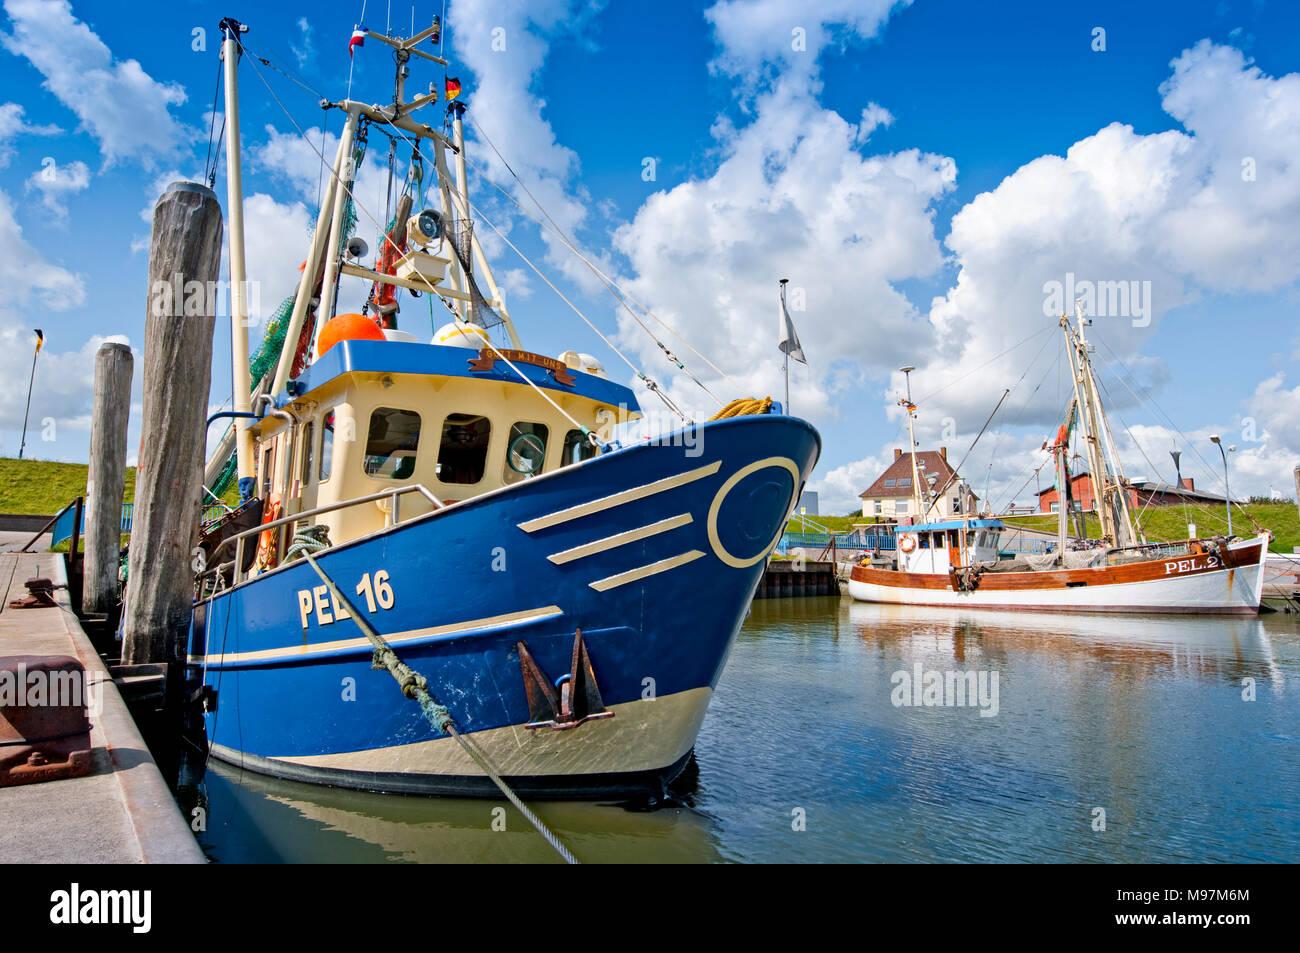 Deutschland, Schleswig-Holstein, Pellworm, Hafen, Anleger, Fischkutter - Stock Image